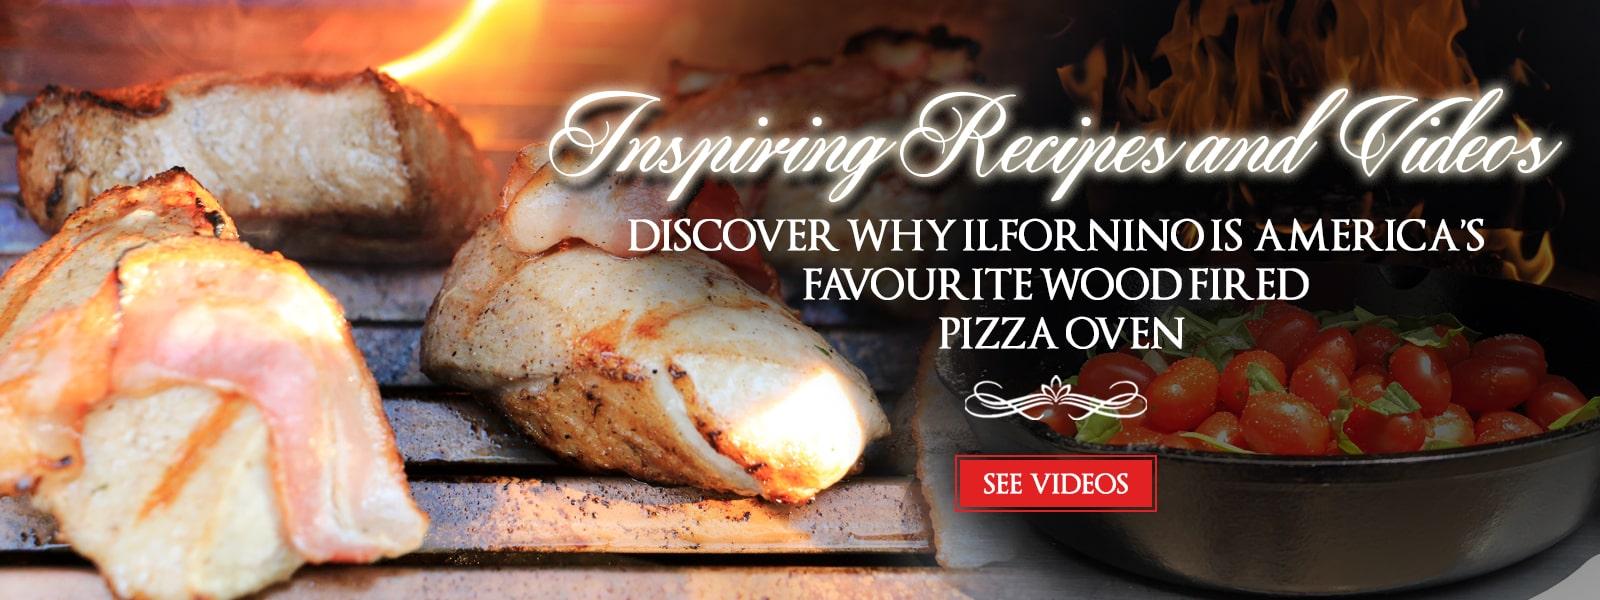 ilFornino Pizza Ovens Videos